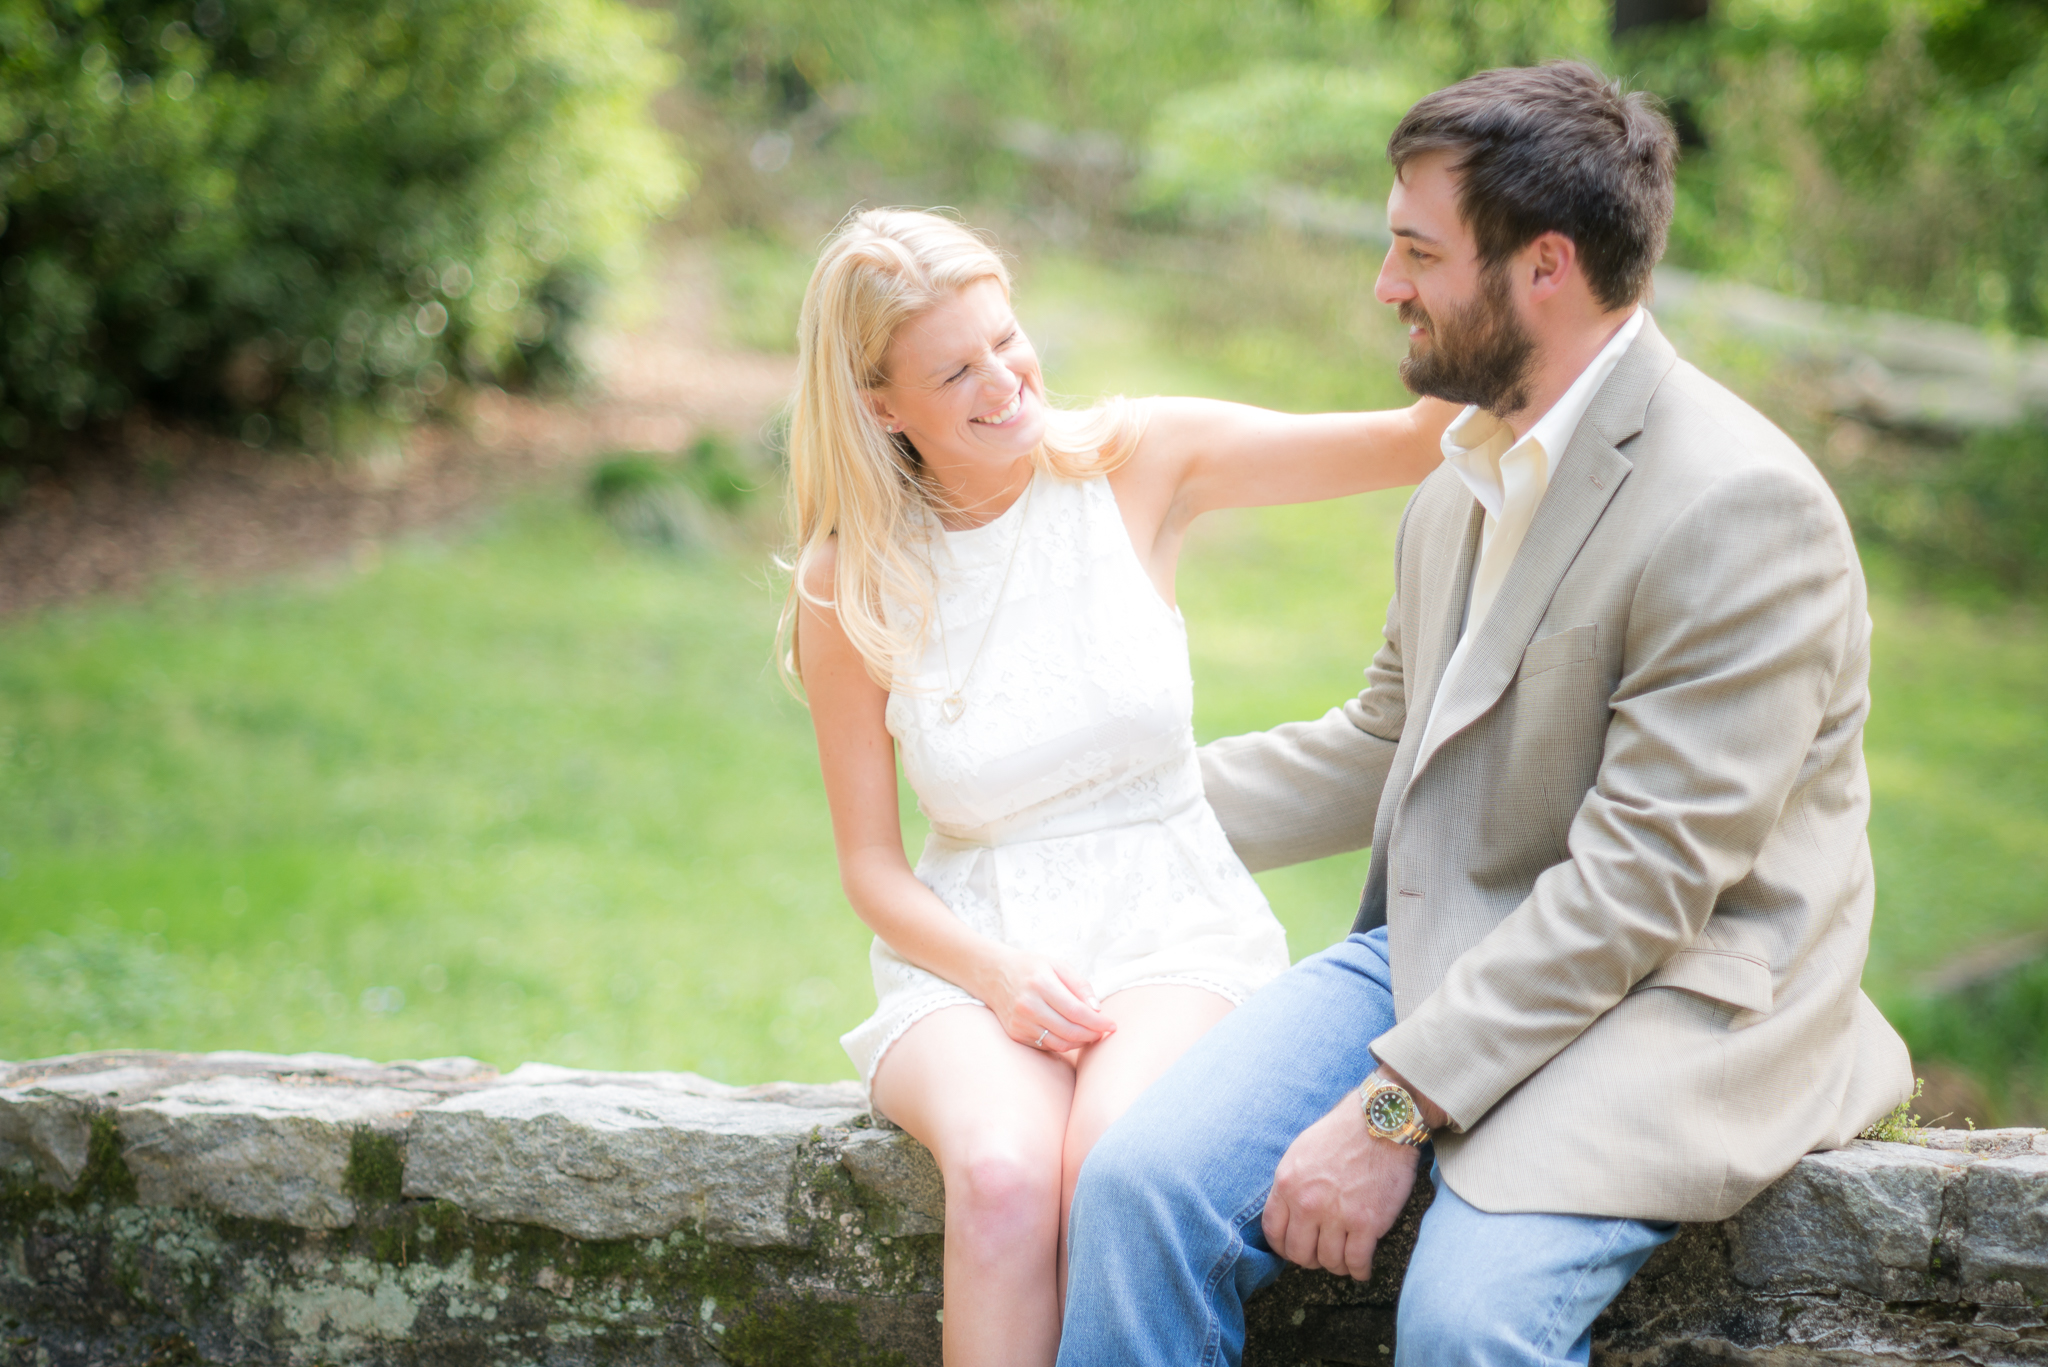 MorganKaty_engagement_wedding_iwally-5.jpg